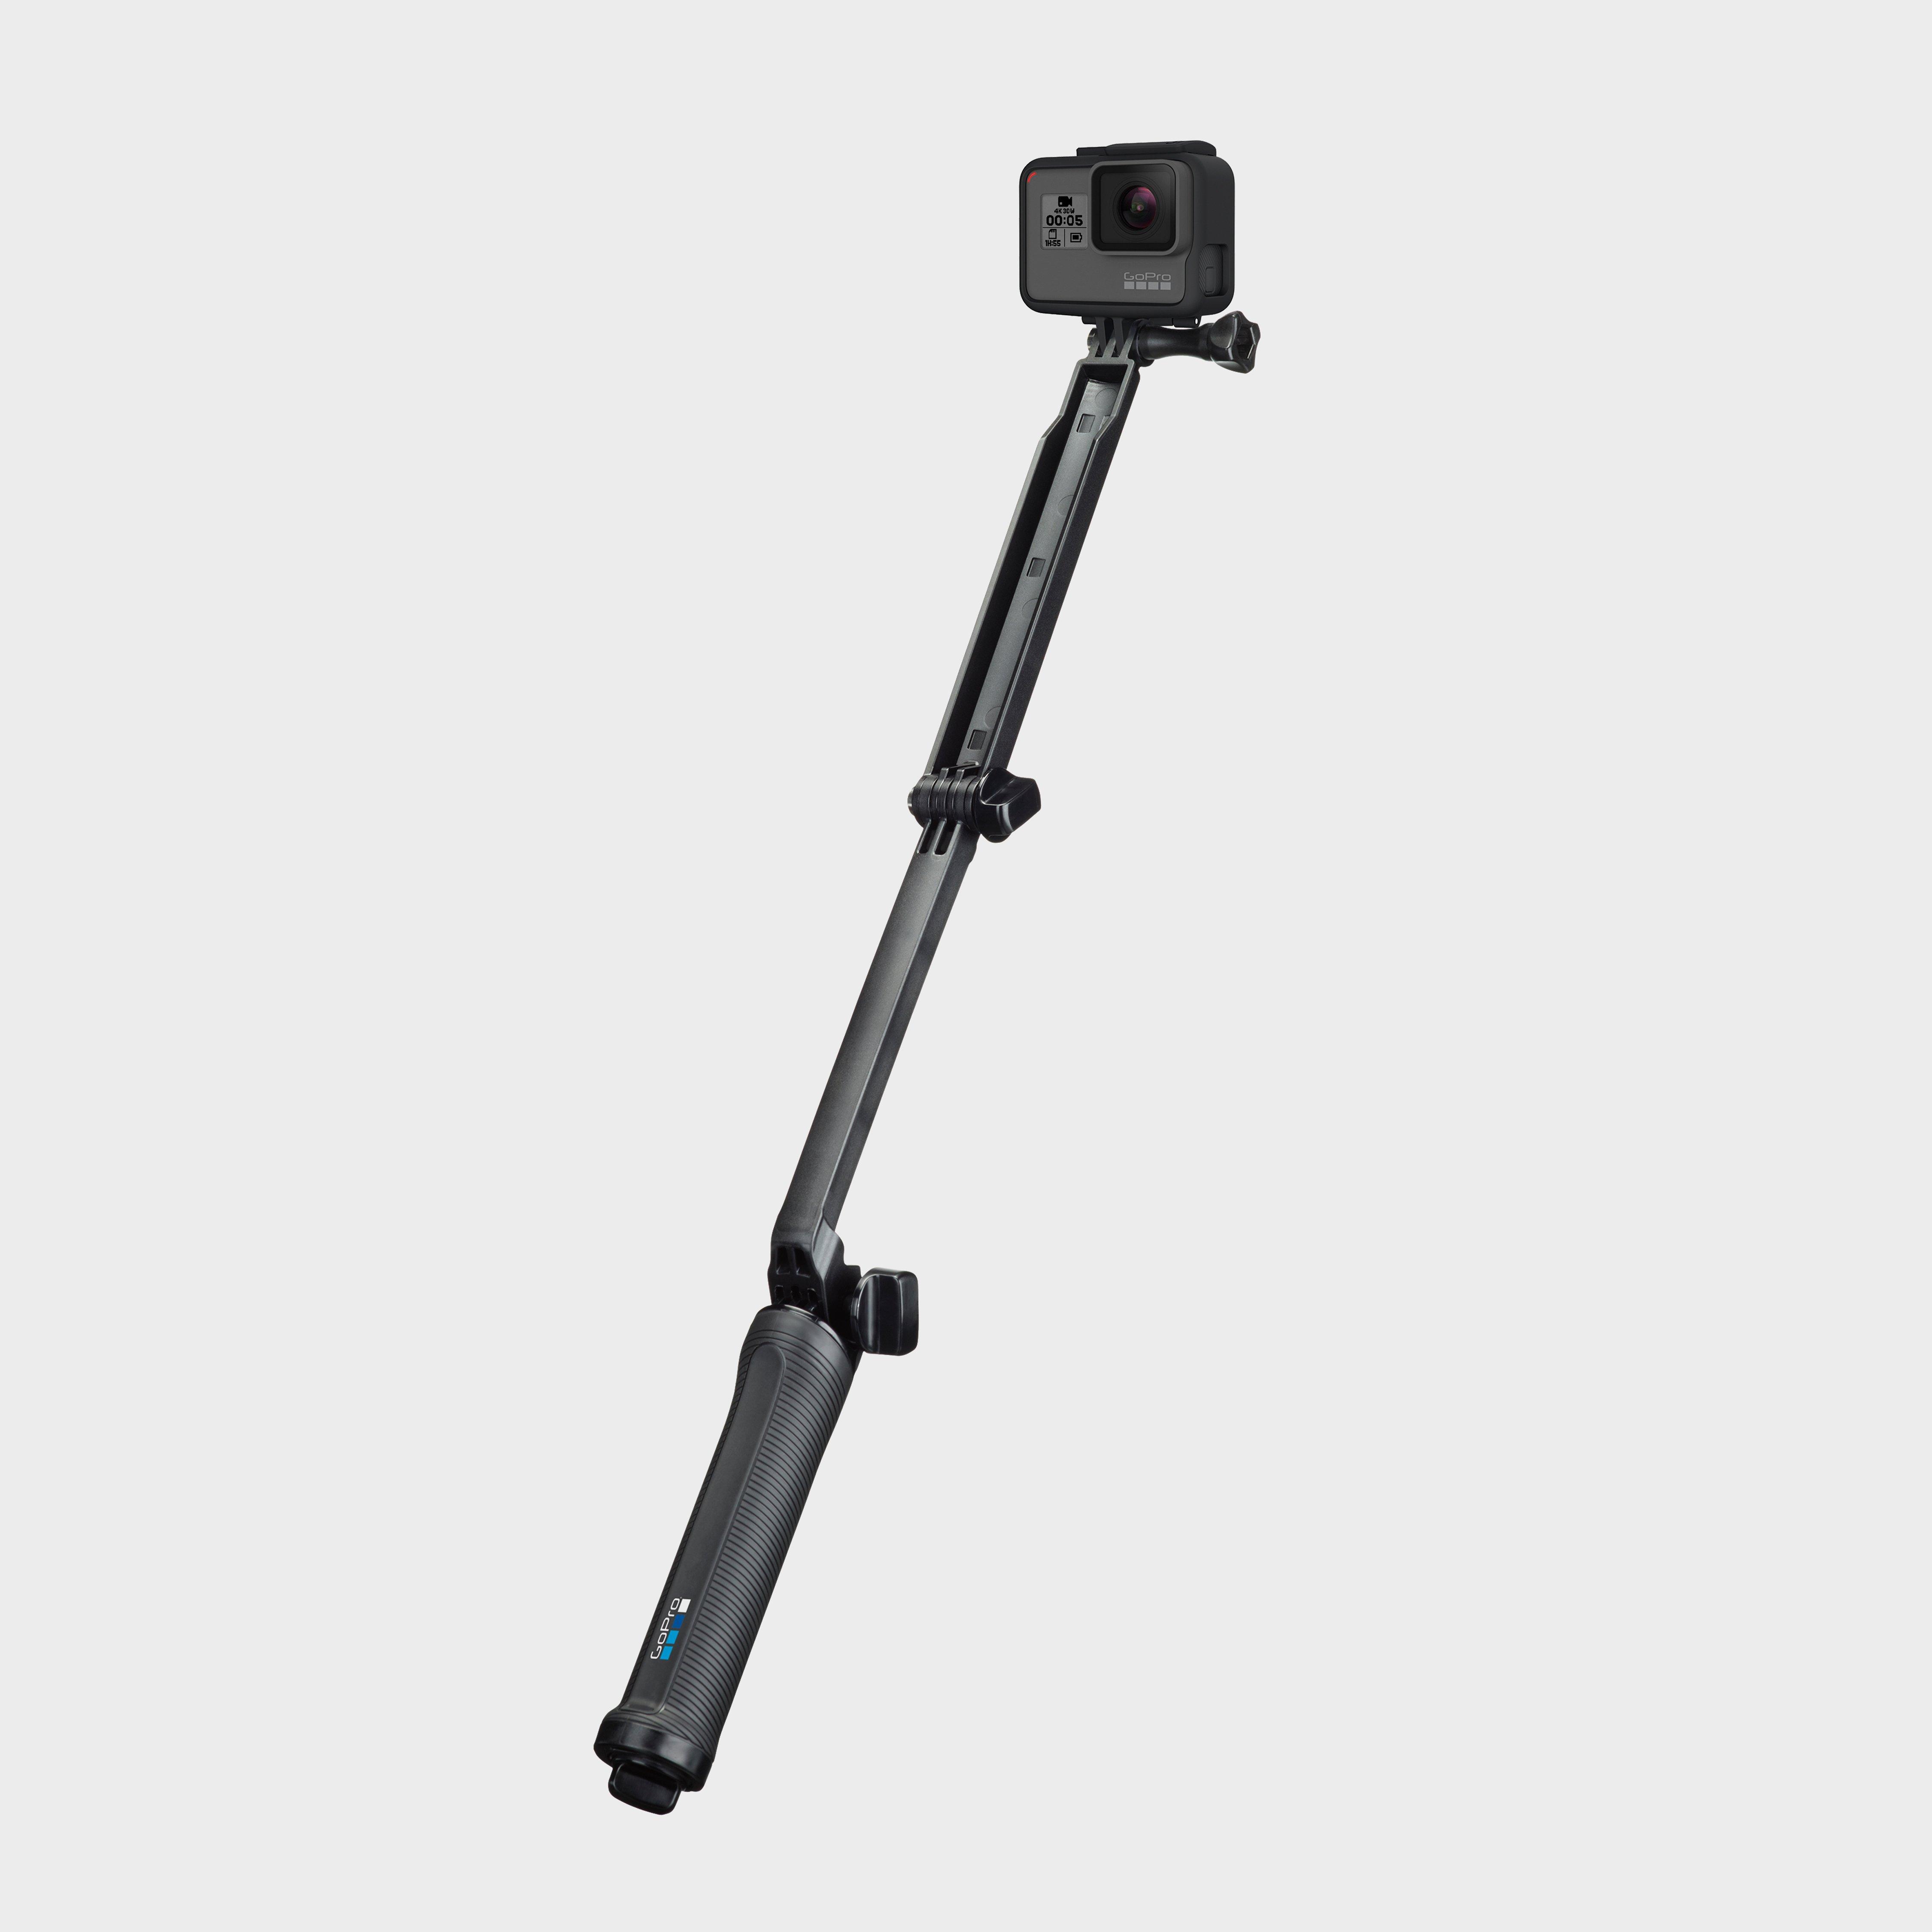 Gopro Gopro 3-Way Arm - Black, Black